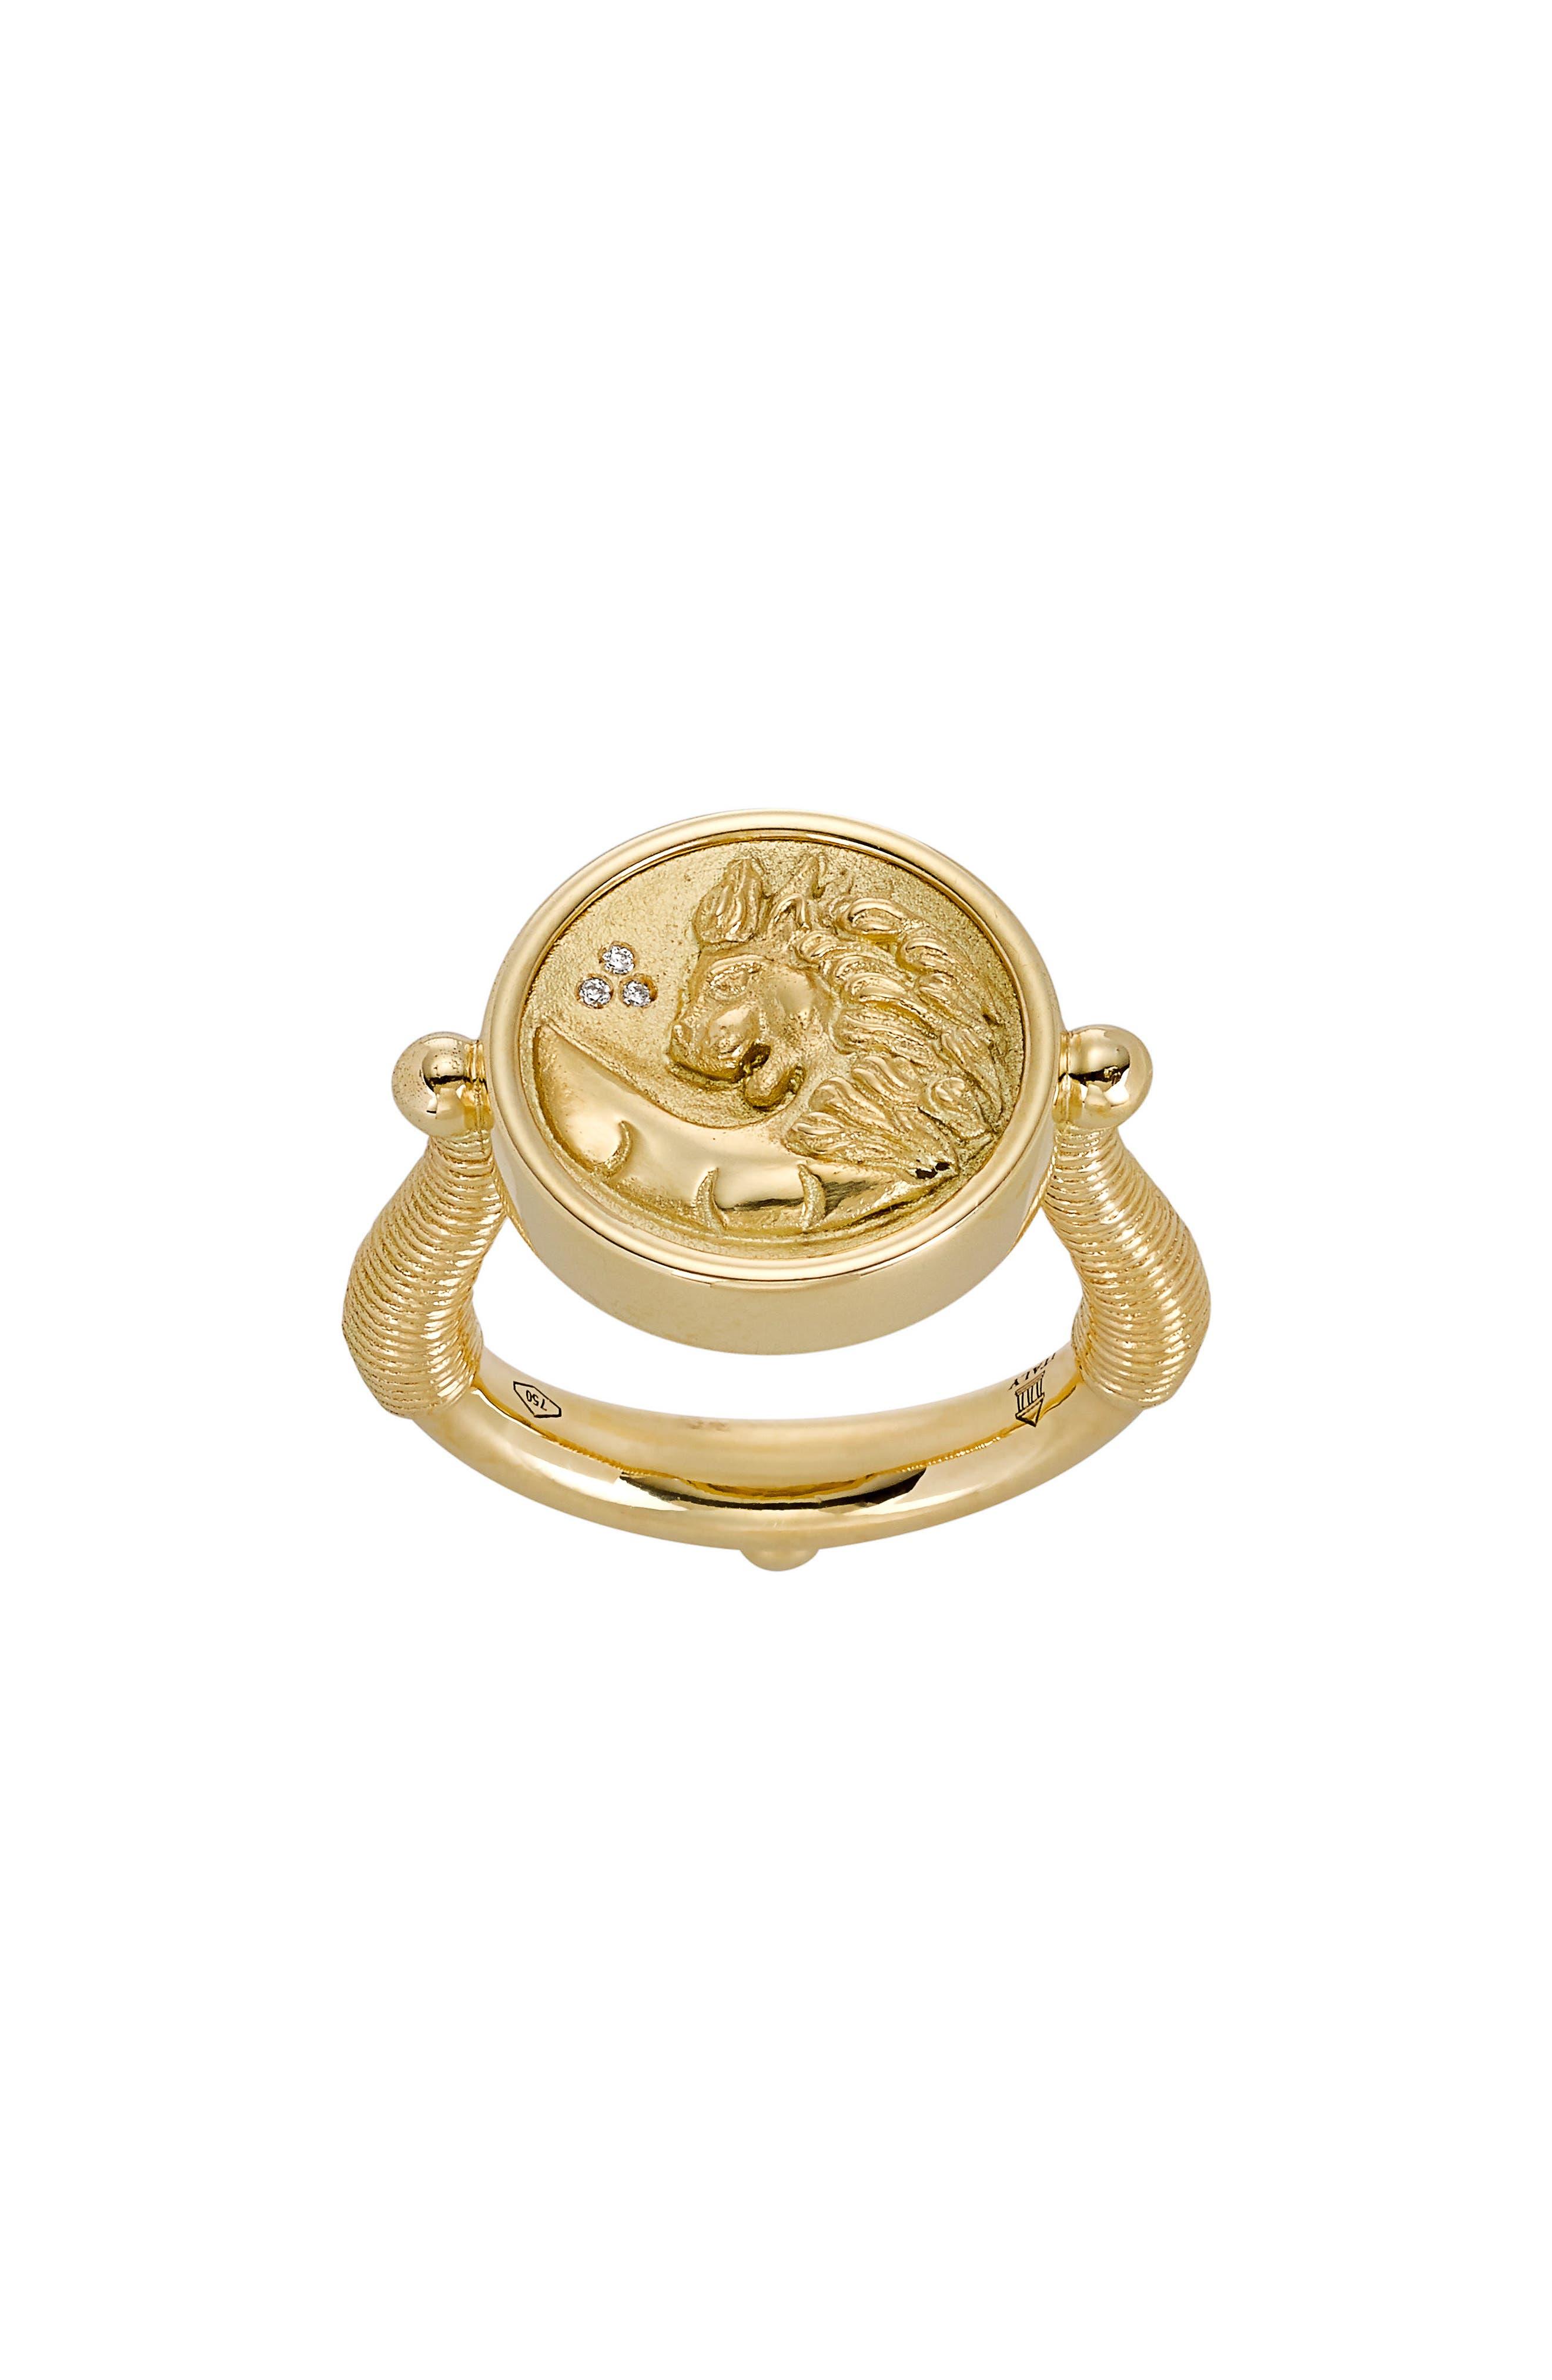 Temple St. Clair Object Trouvé Diamond Ring